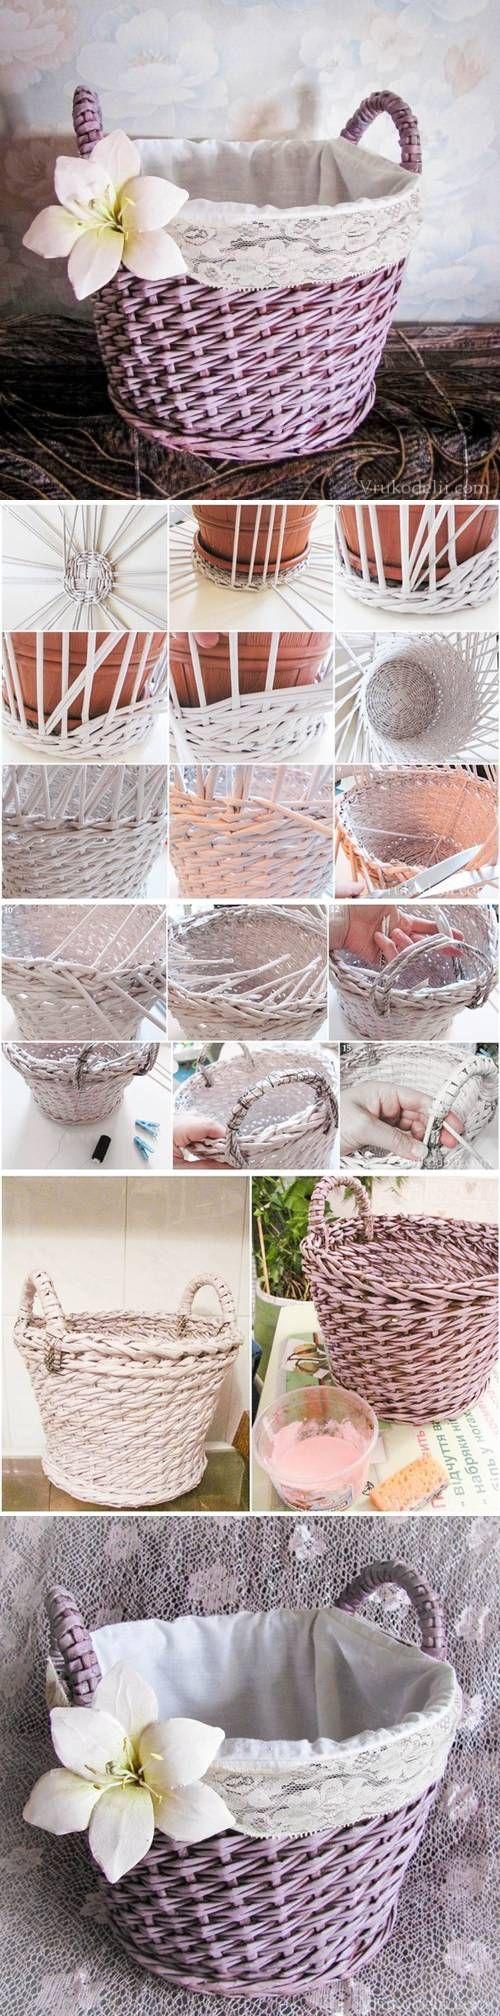 Diy: cesta de caperucita roja con papel reciclado